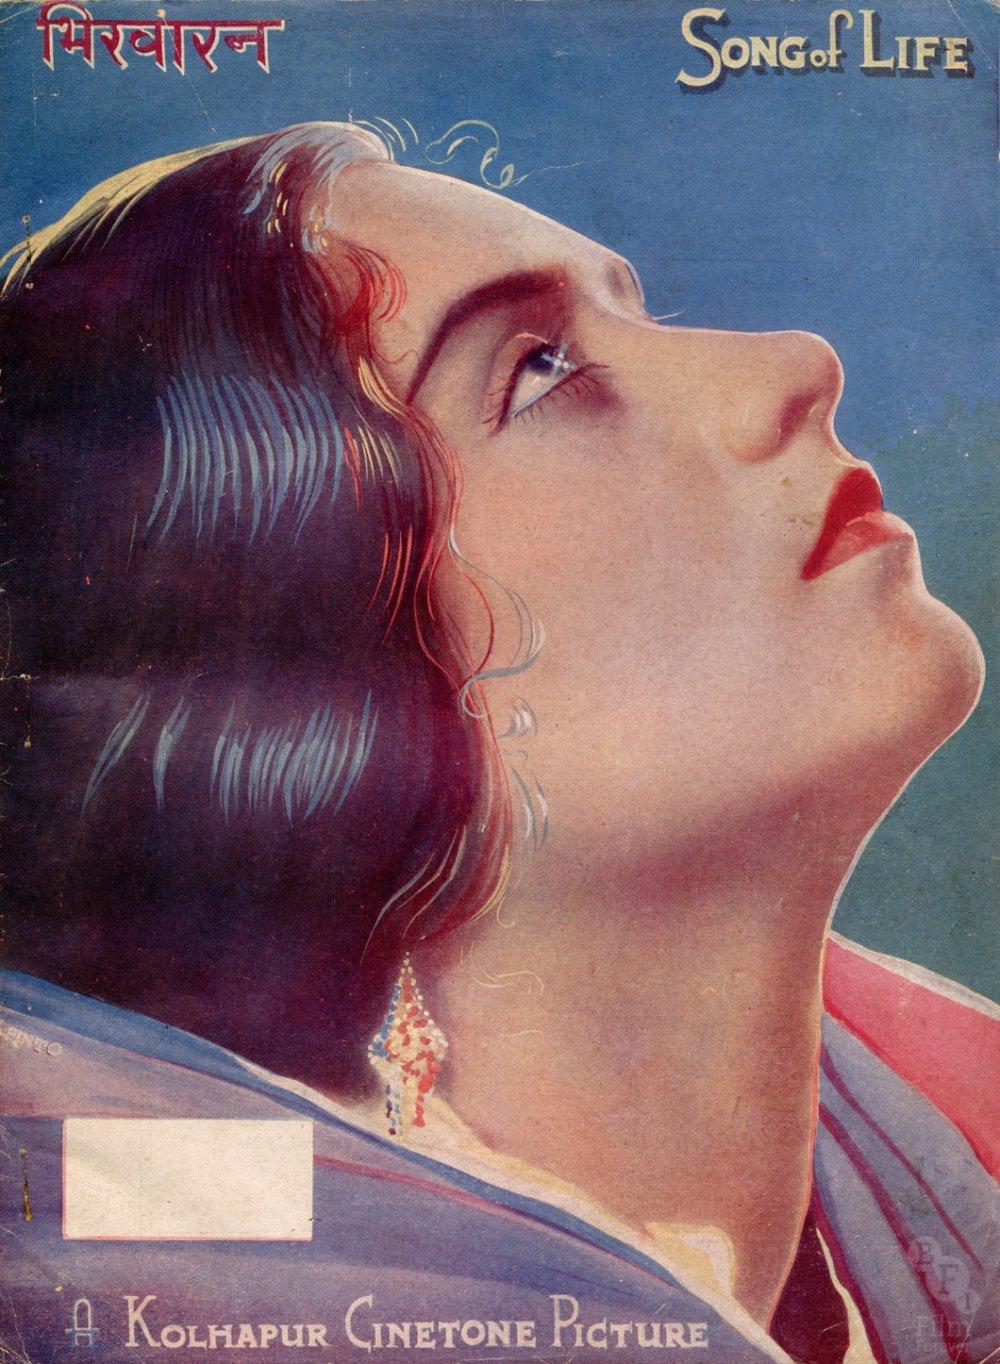 <strong>Song of Life (Bhikharan, 1935)</strong>